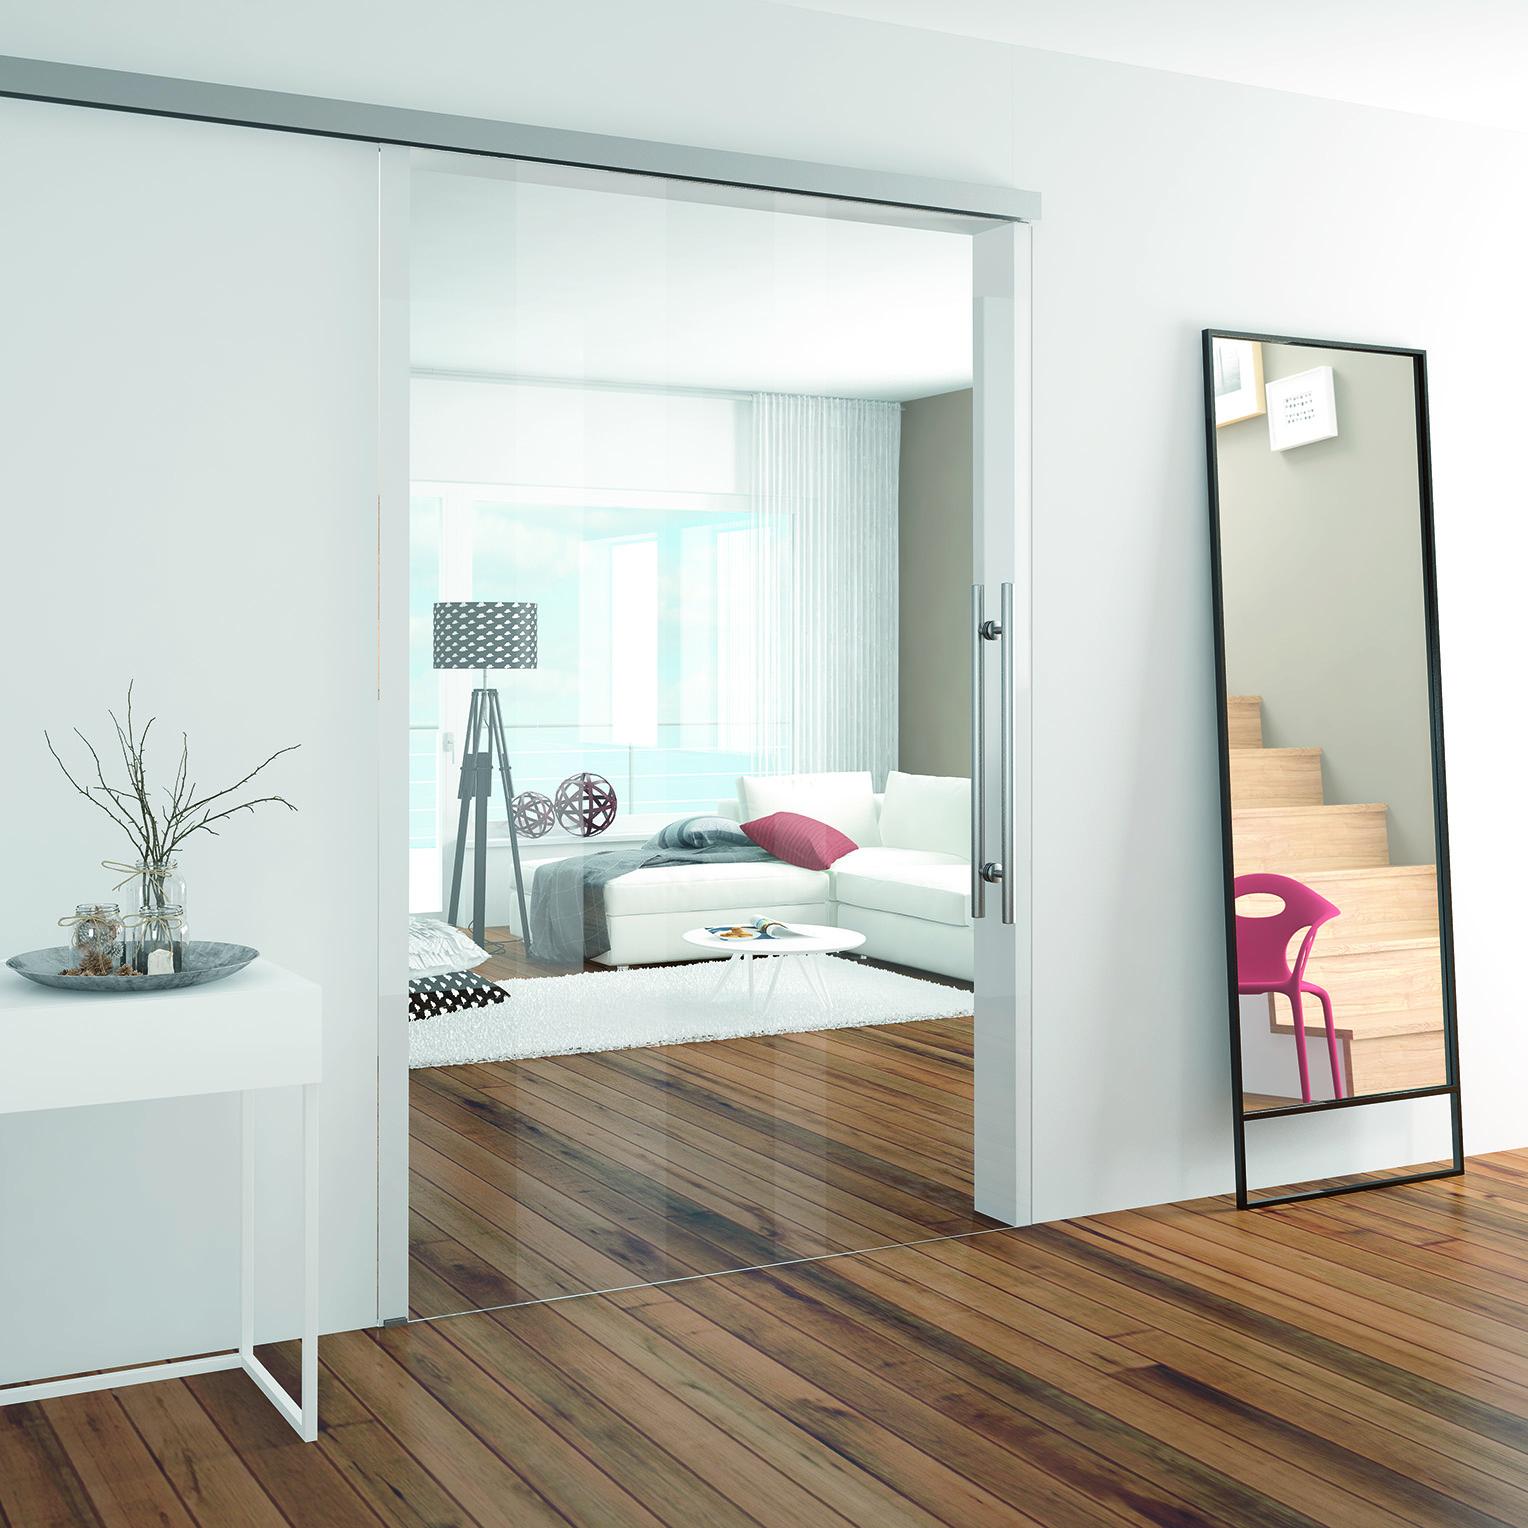 Glasschiebetürsystem mit Verriegelung per Fernbedienung oder Wandschalter